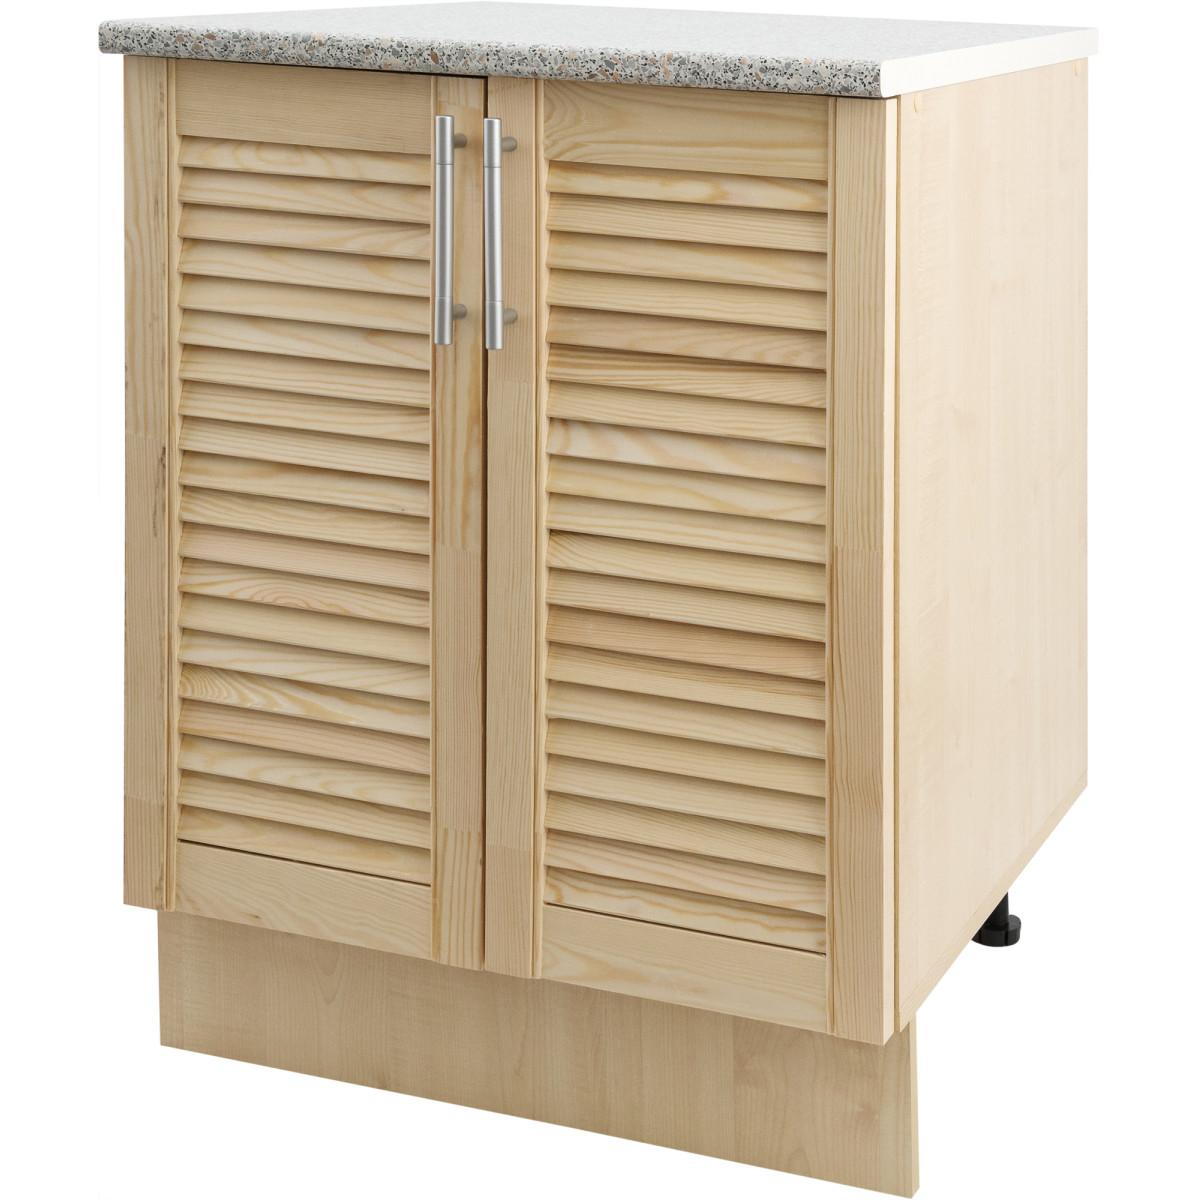 Шкаф напольный Сосна массив 60x86x60 см ЛДСП